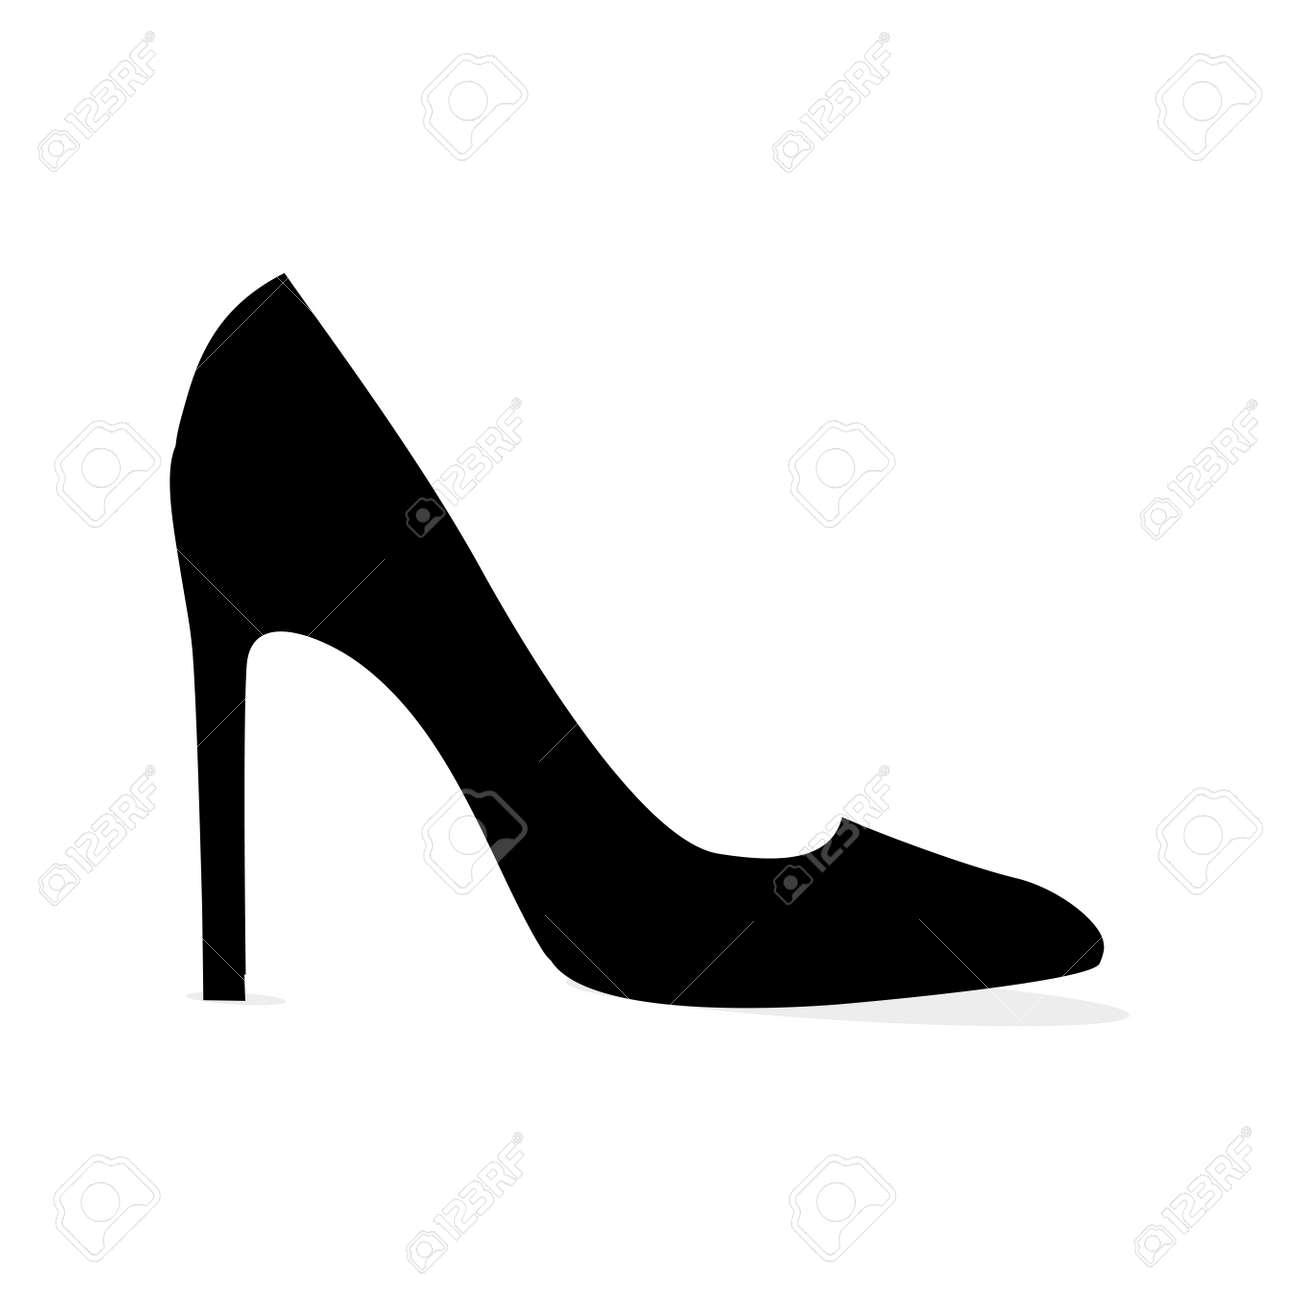 Black Modern Stilleto Shoe Isolated Silhouette - 85427402